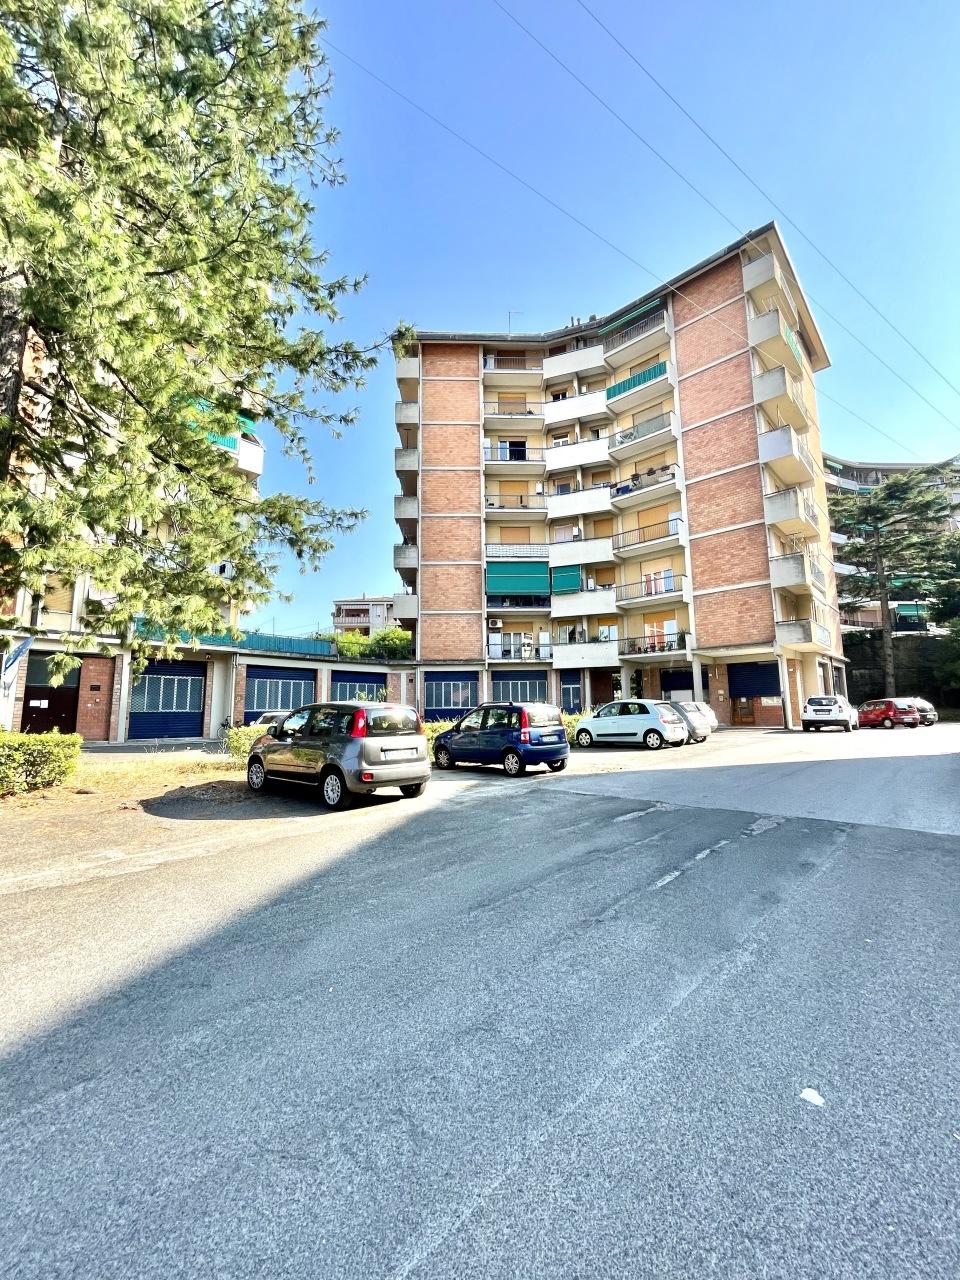 Appartamento in vendita a La Spezia, 4 locali, prezzo € 125.000 | PortaleAgenzieImmobiliari.it